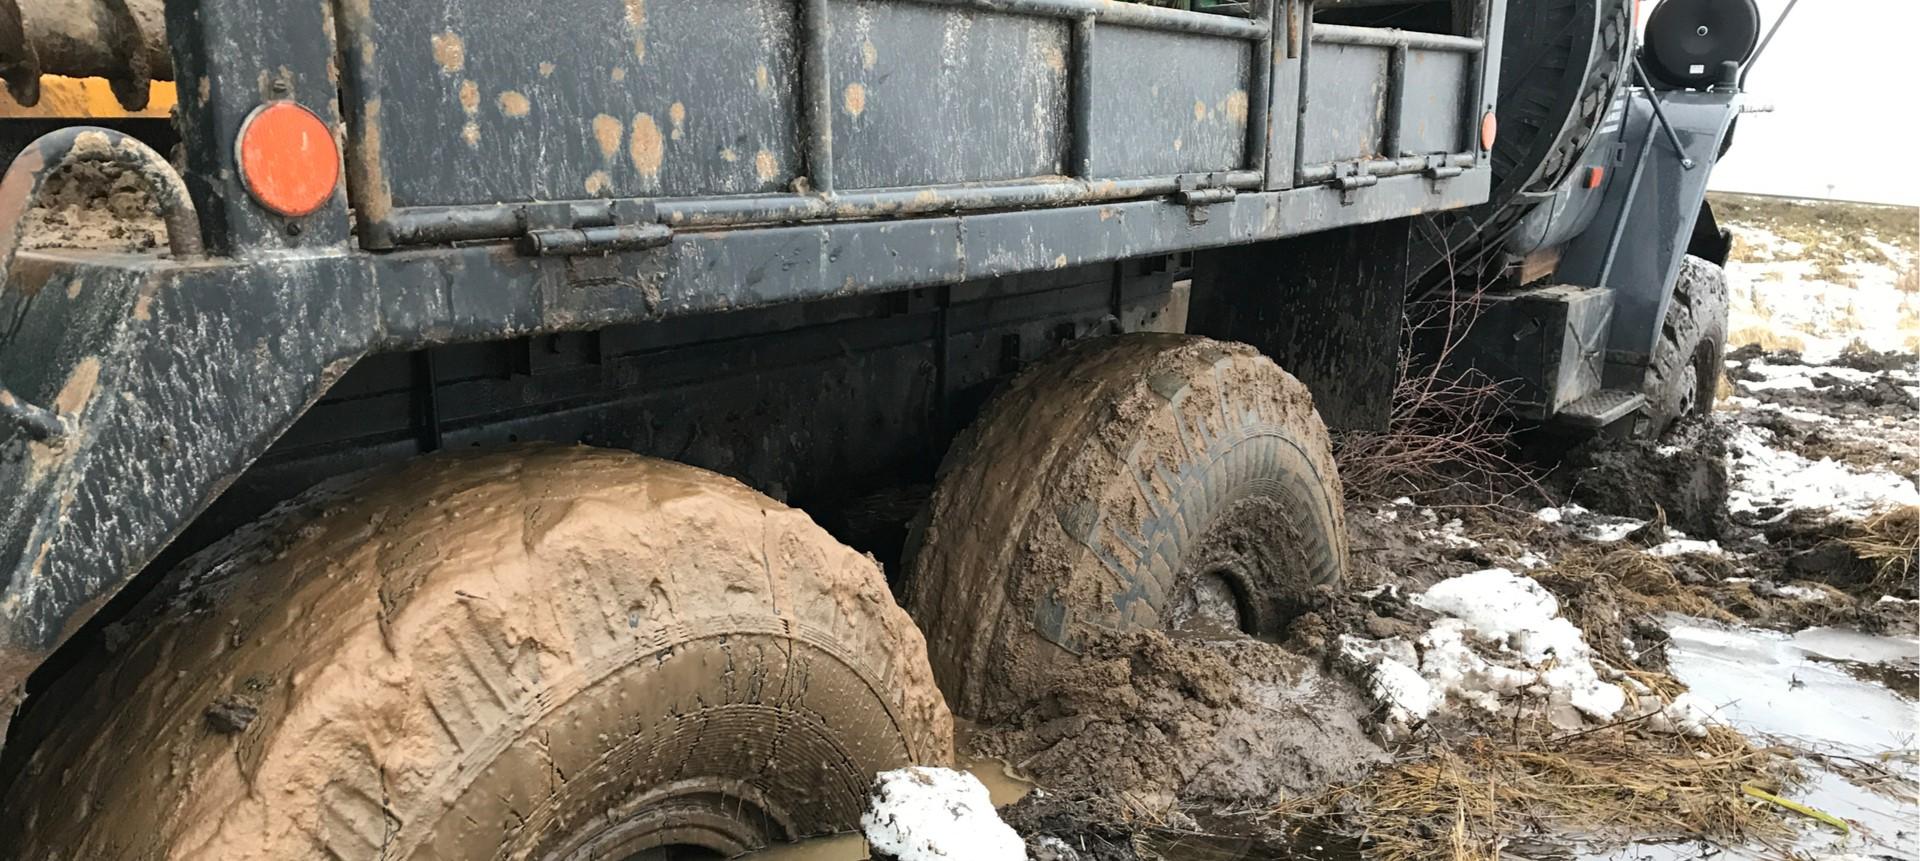 גרירה וחילוץ מהשטח משאיות